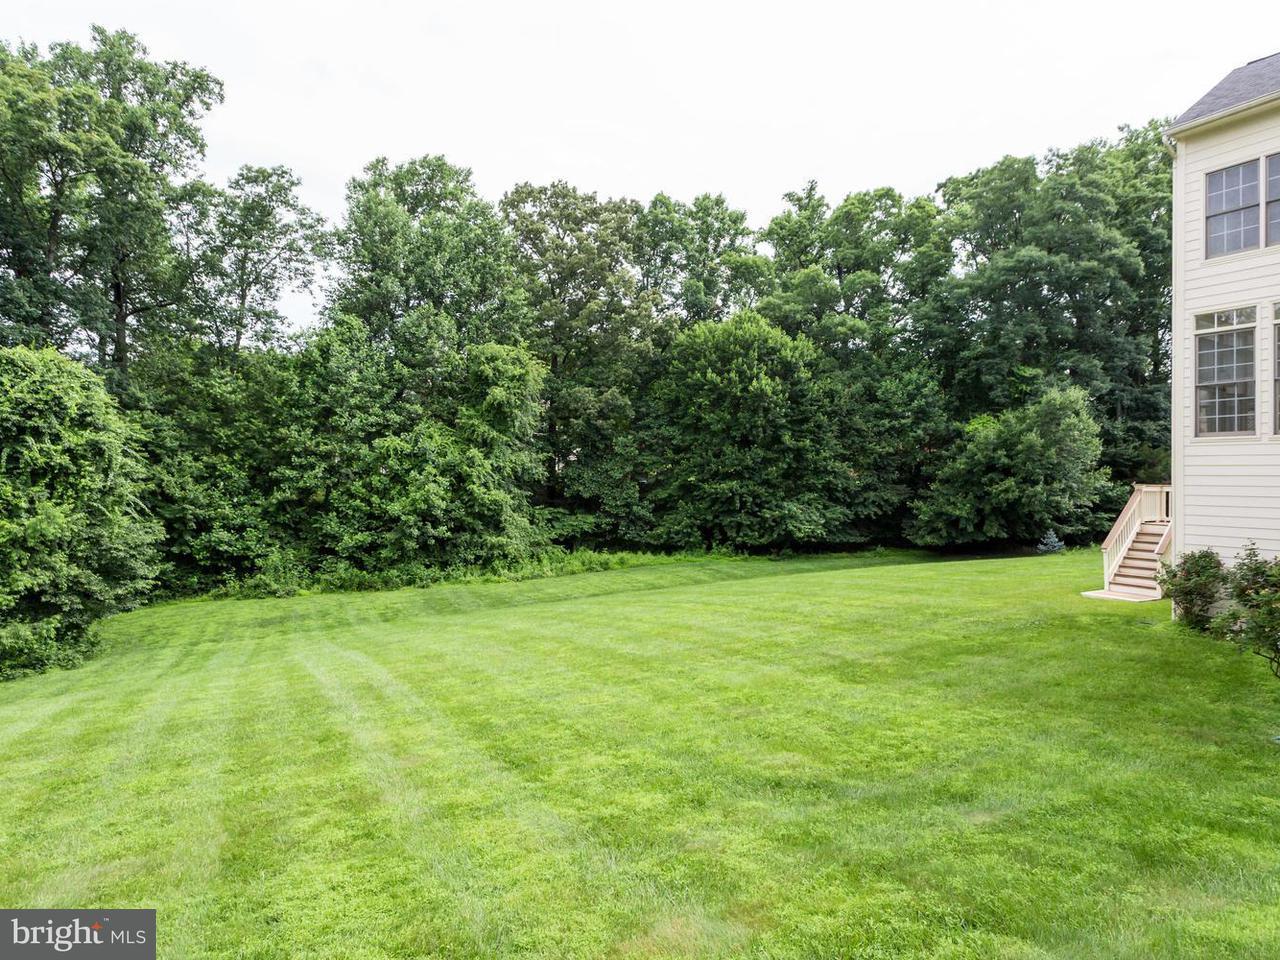 Einfamilienhaus für Verkauf beim 11694 Caris Glenne Drive 11694 Caris Glenne Drive Herndon, Virginia 20170 Vereinigte Staaten